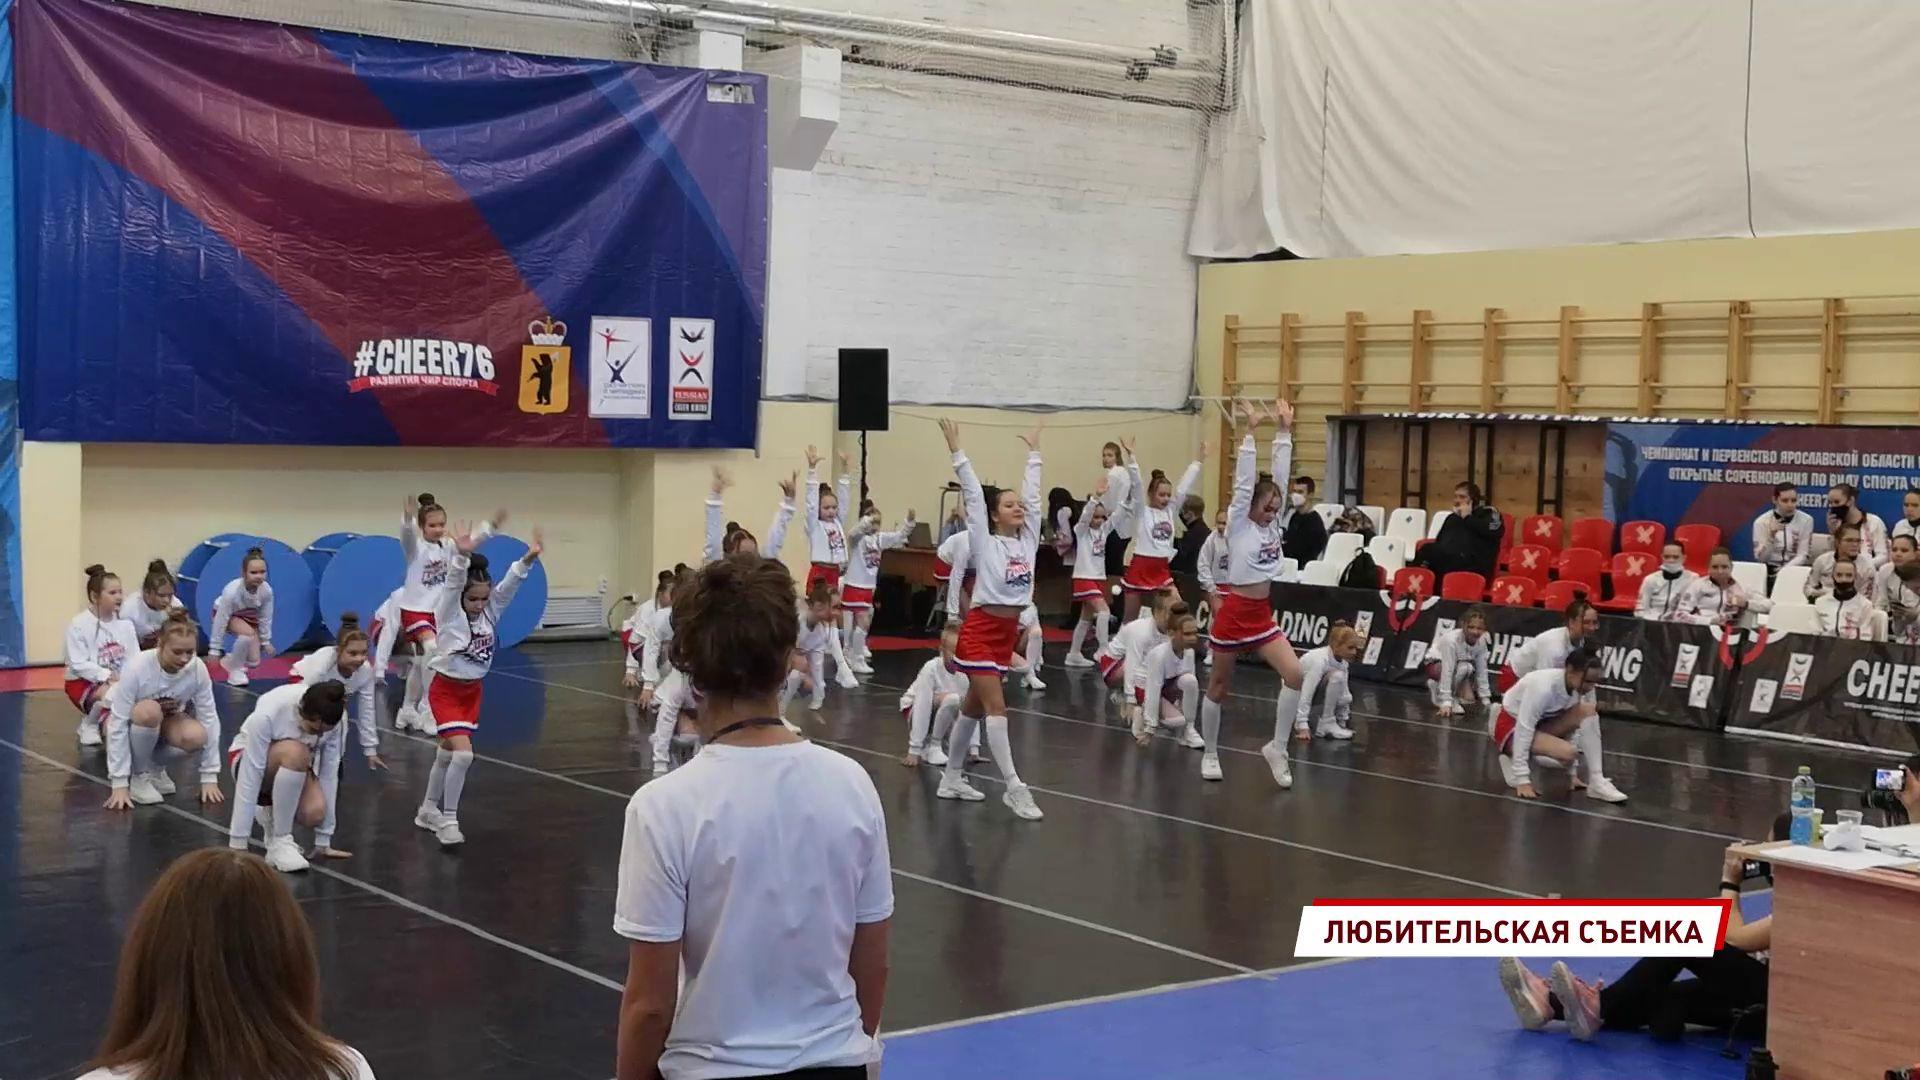 В Ярославле прошел чемпионат и первенство области по чирлидингу